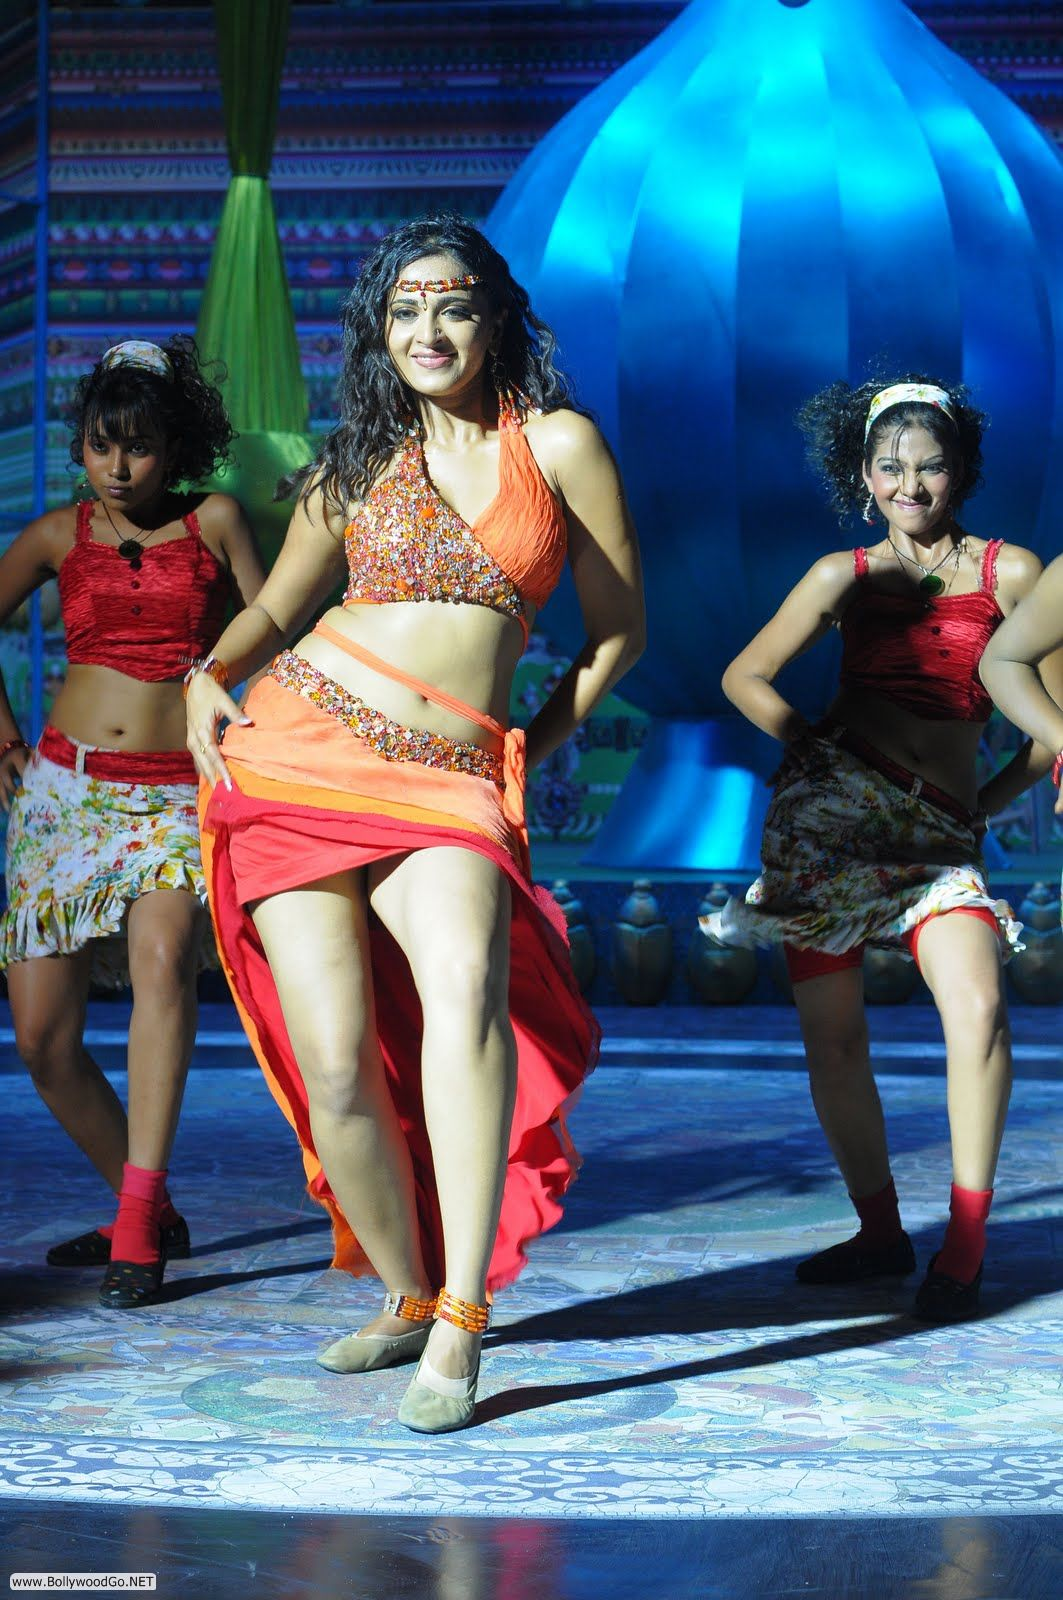 Hot Anushka Shetty Pictures